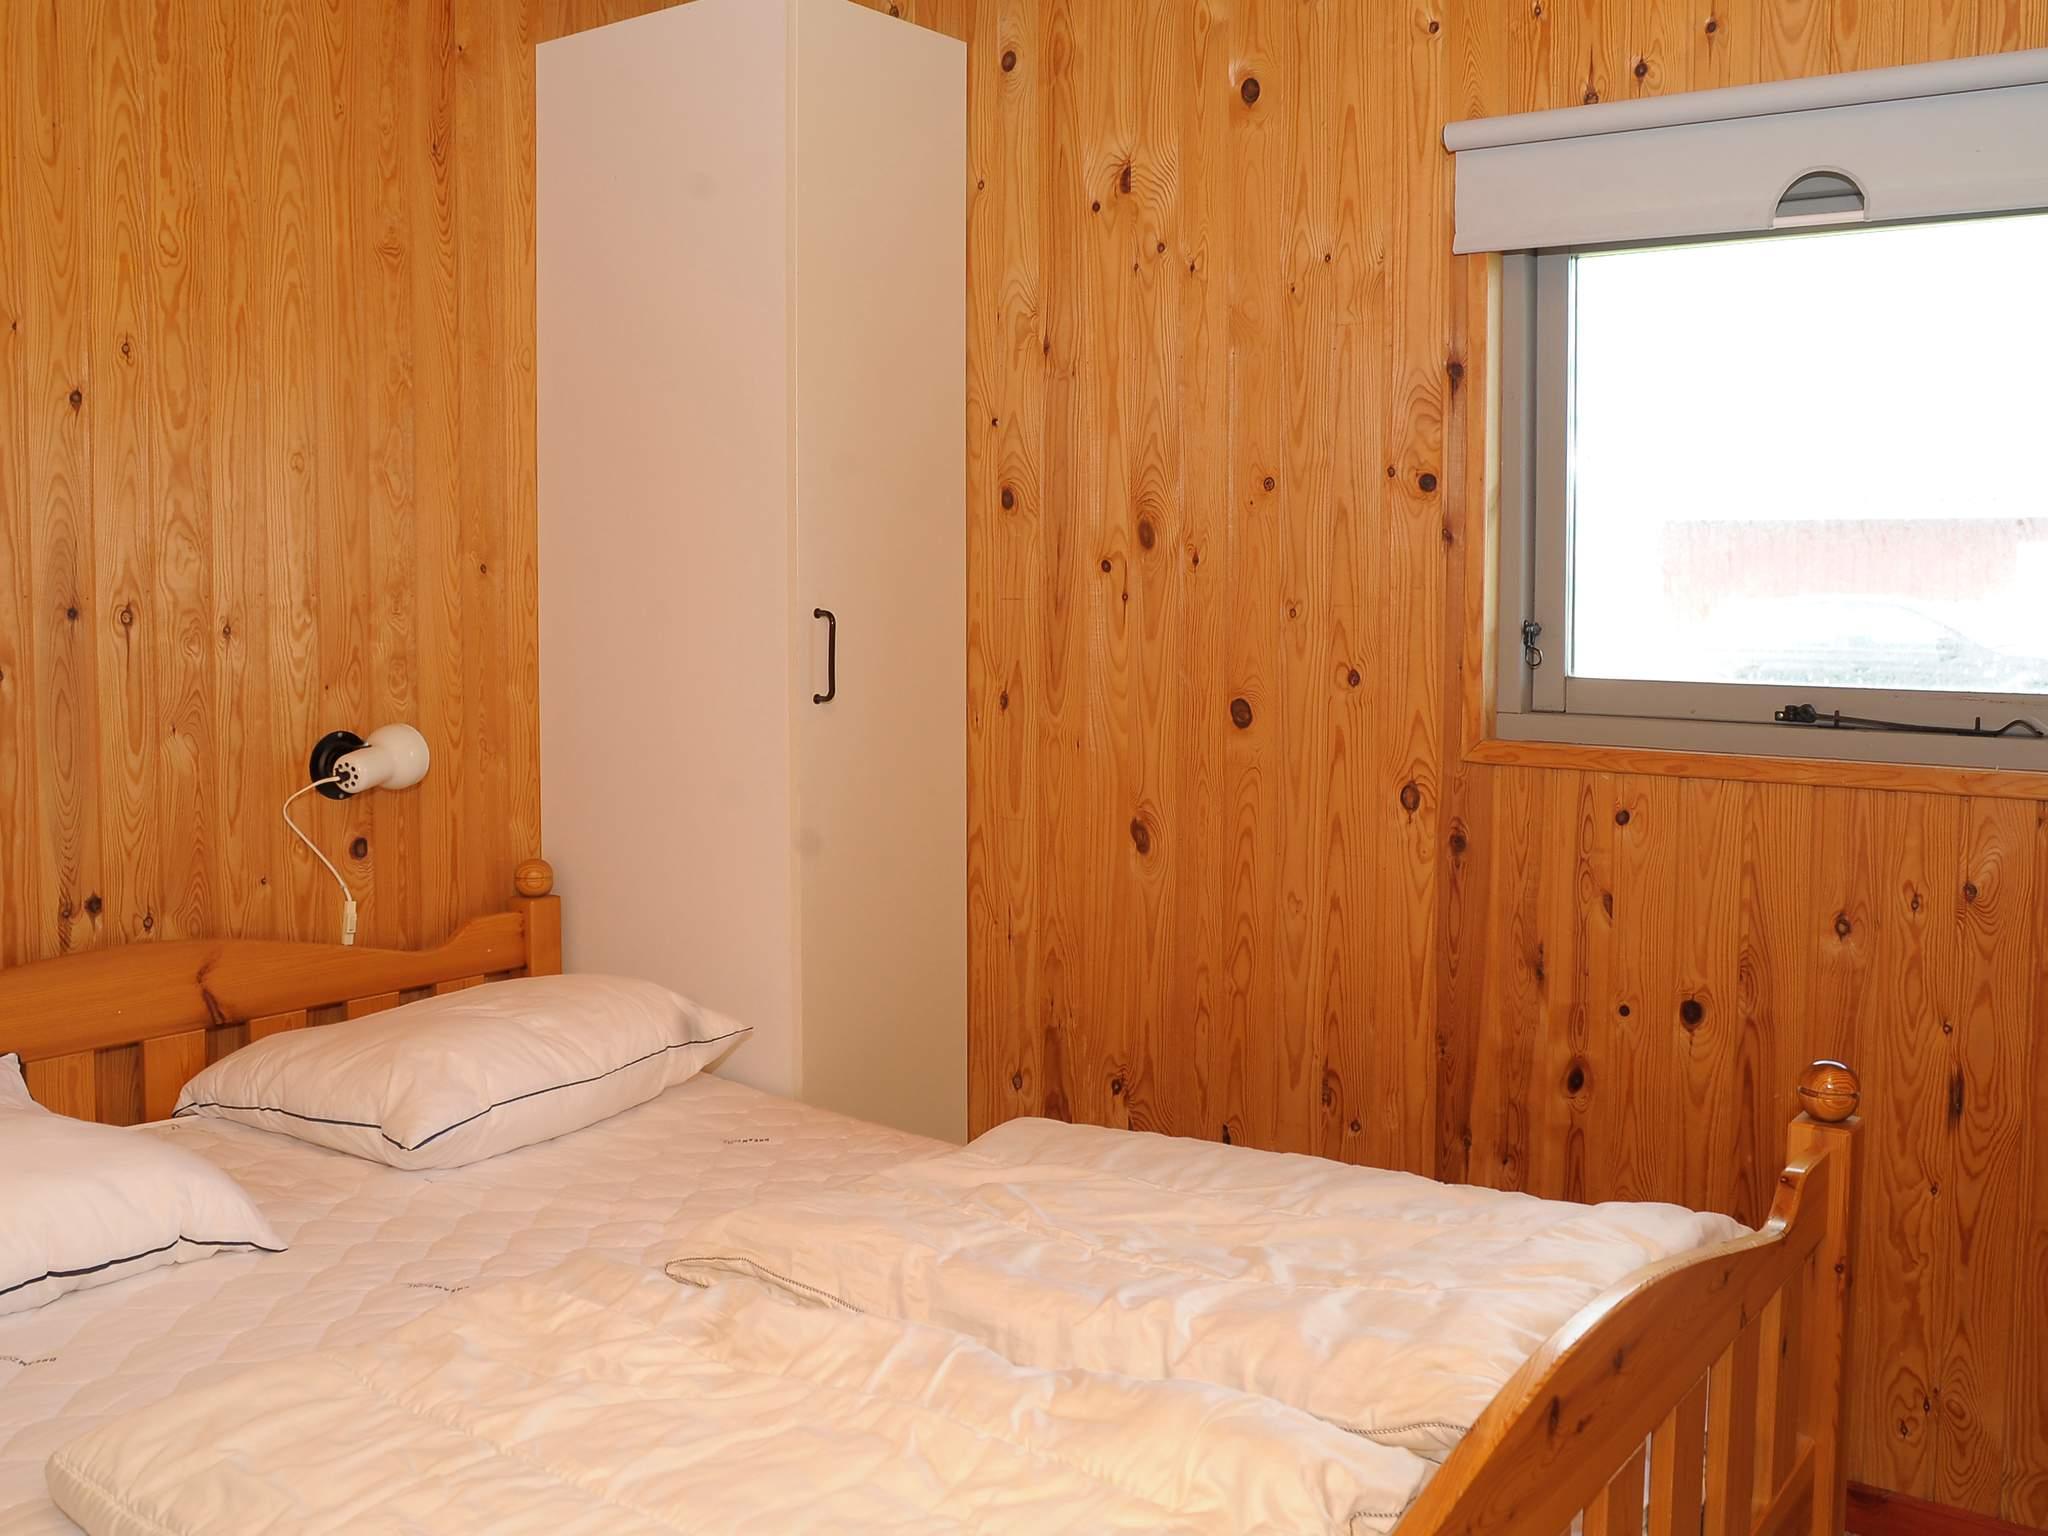 Ferienhaus Vejlby Klit (88945), Harboøre, , Limfjord, Dänemark, Bild 9